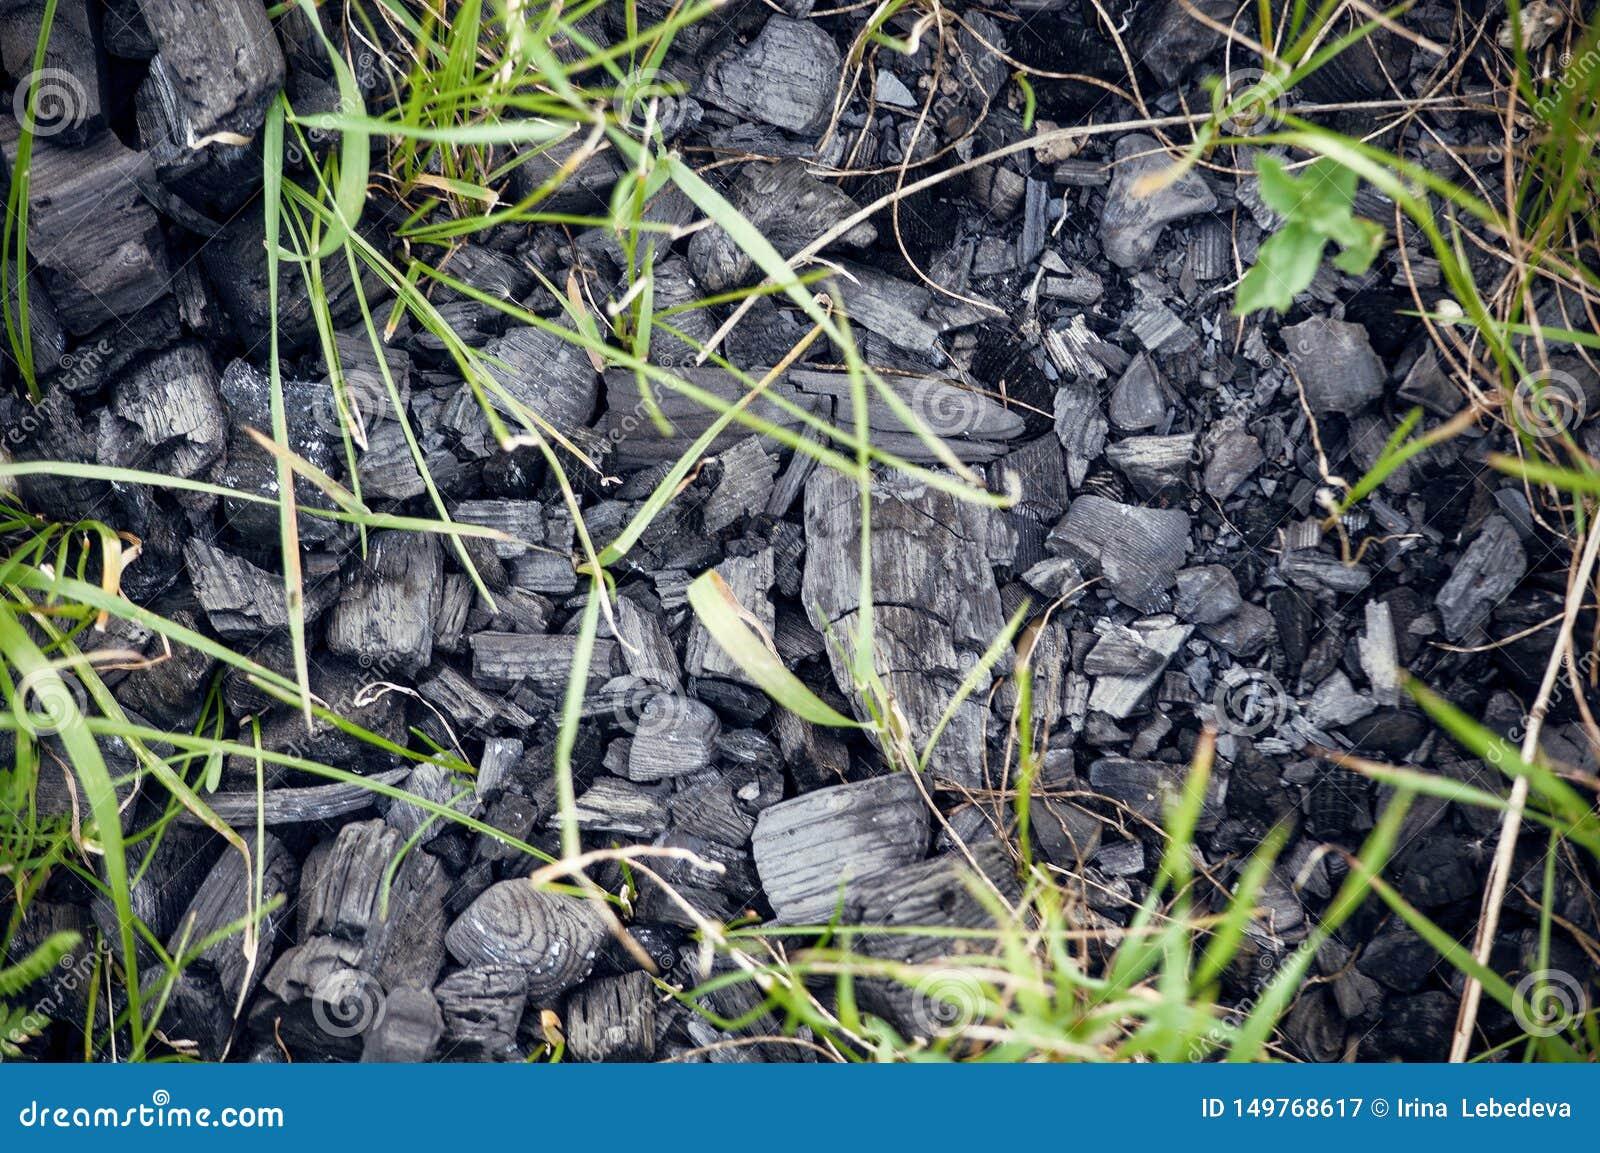 Svart kol som lämnas länge på jord